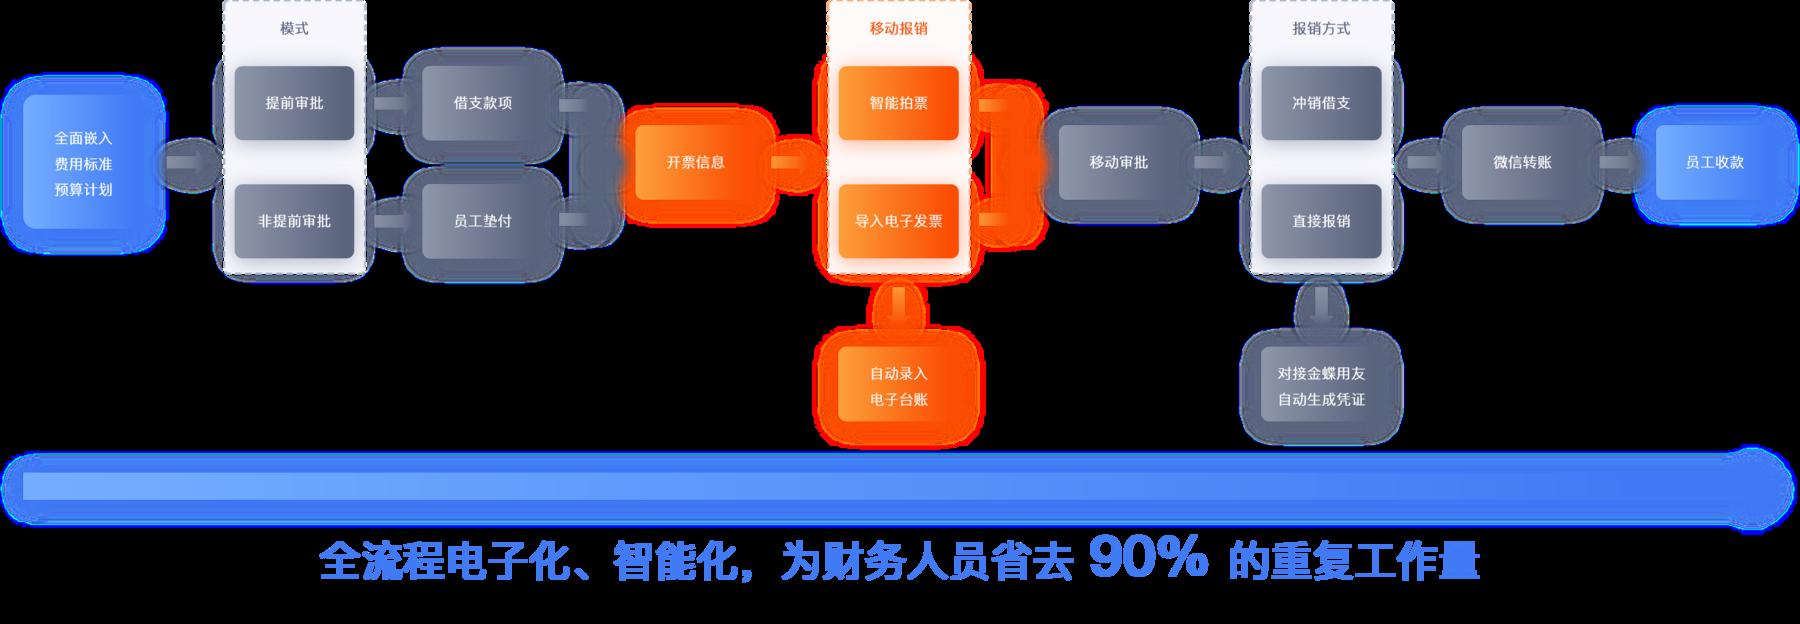 报销流程自动化,费用管控智能化